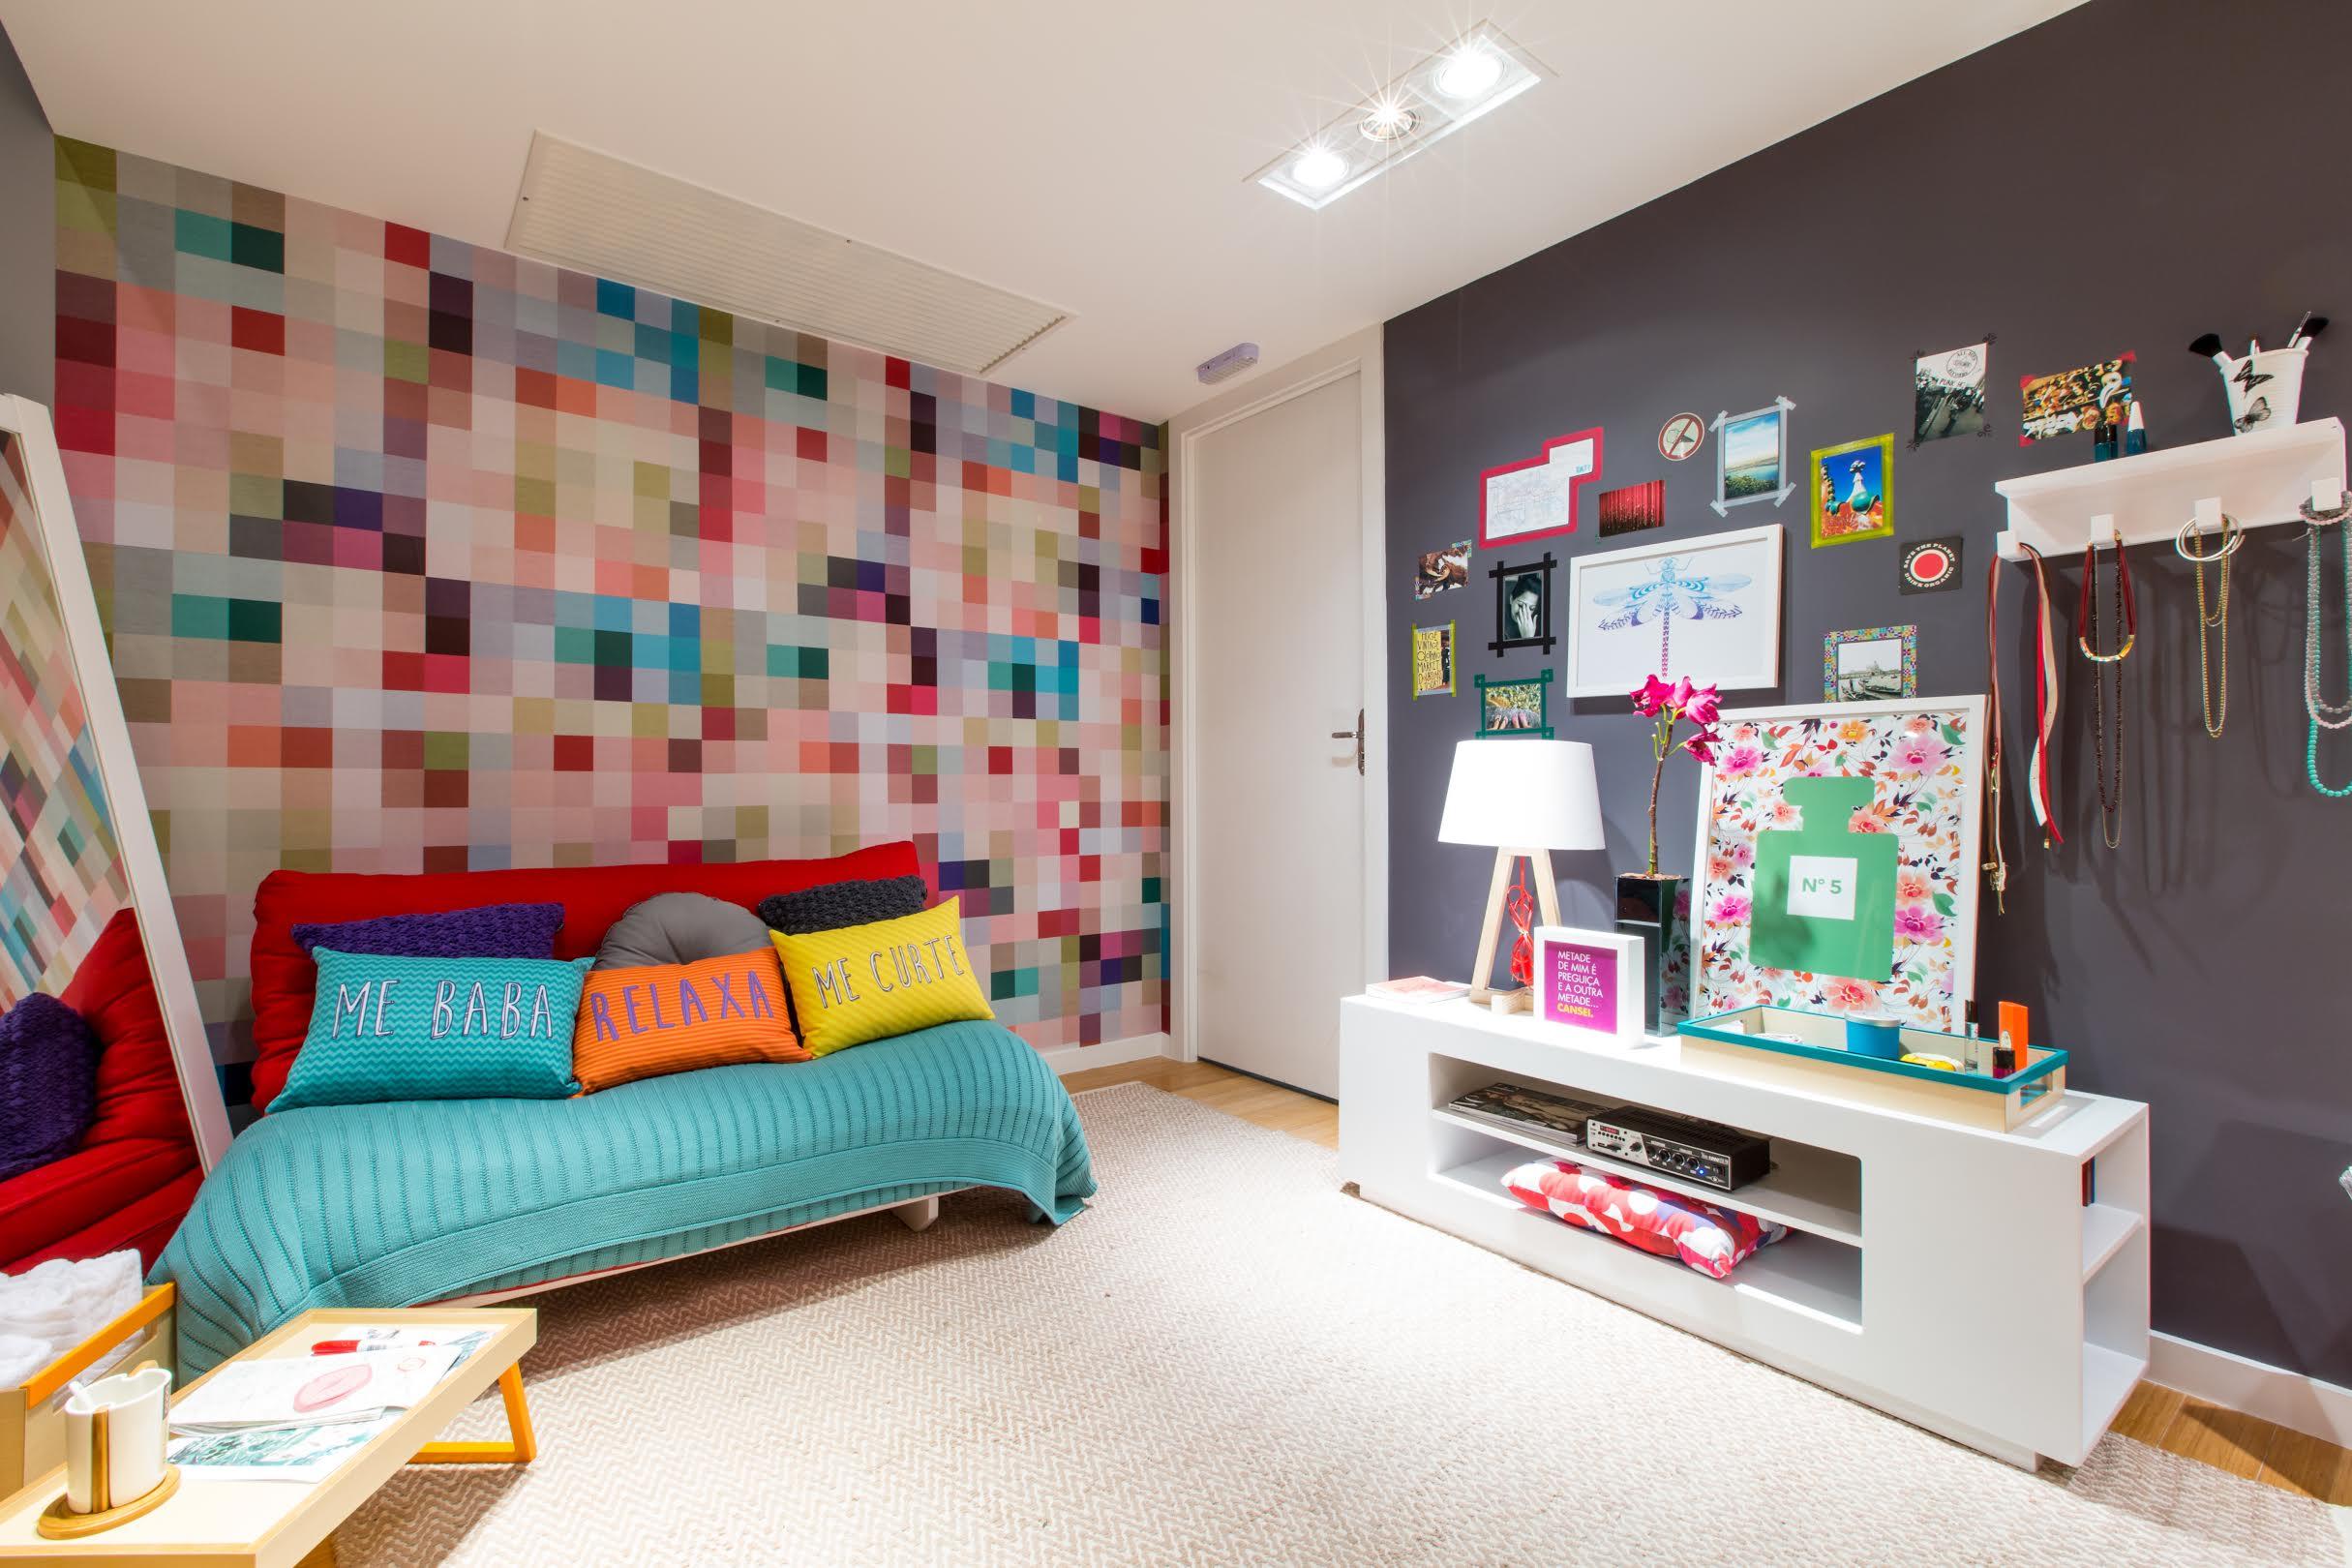 50 dise os que har n motivarte para decorar tu cuarto for Como disenar mi habitacion